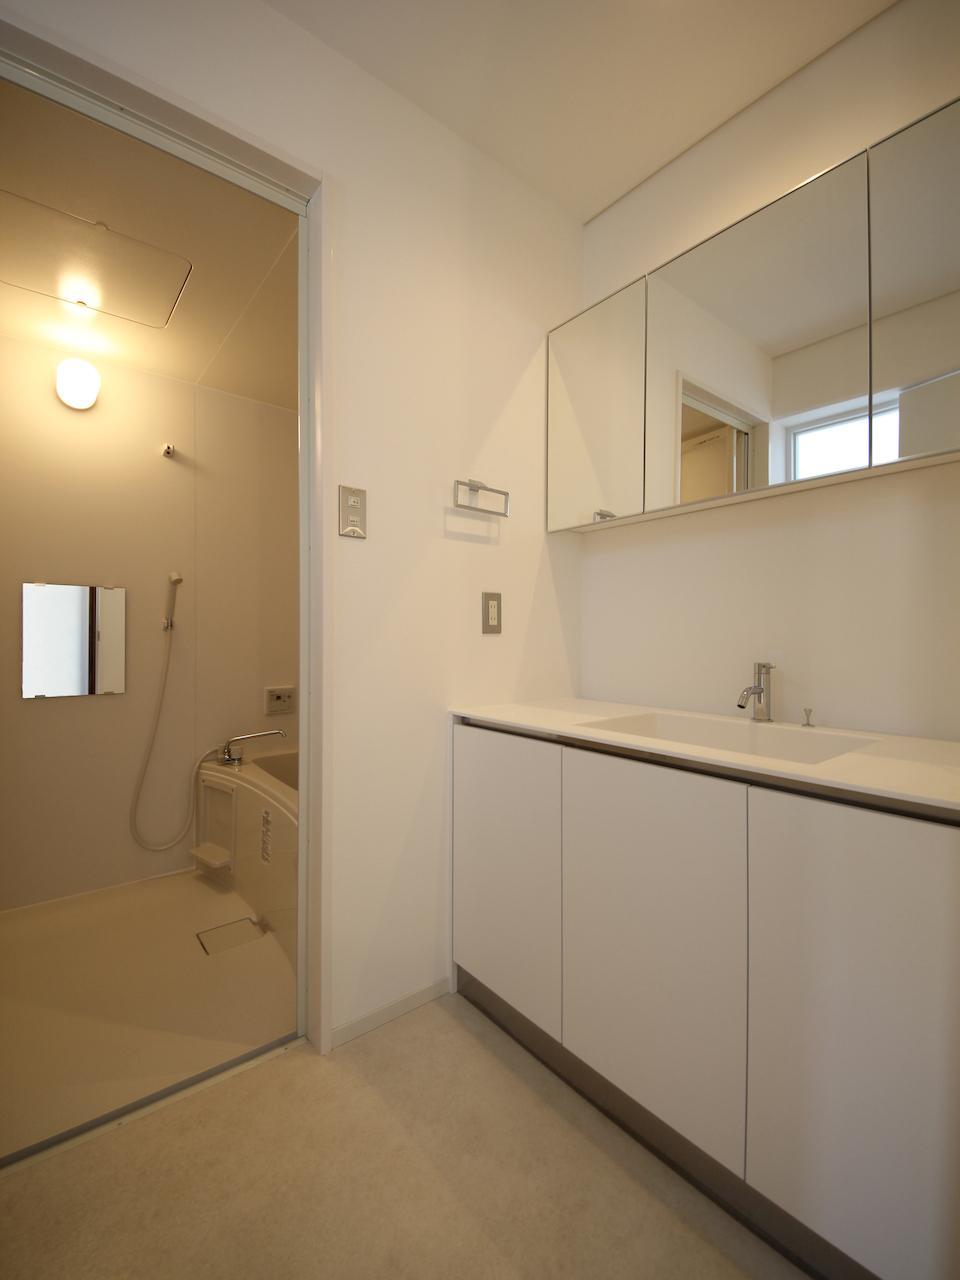 3階 洗面脱衣室 天窓からの光でほんのり明るい